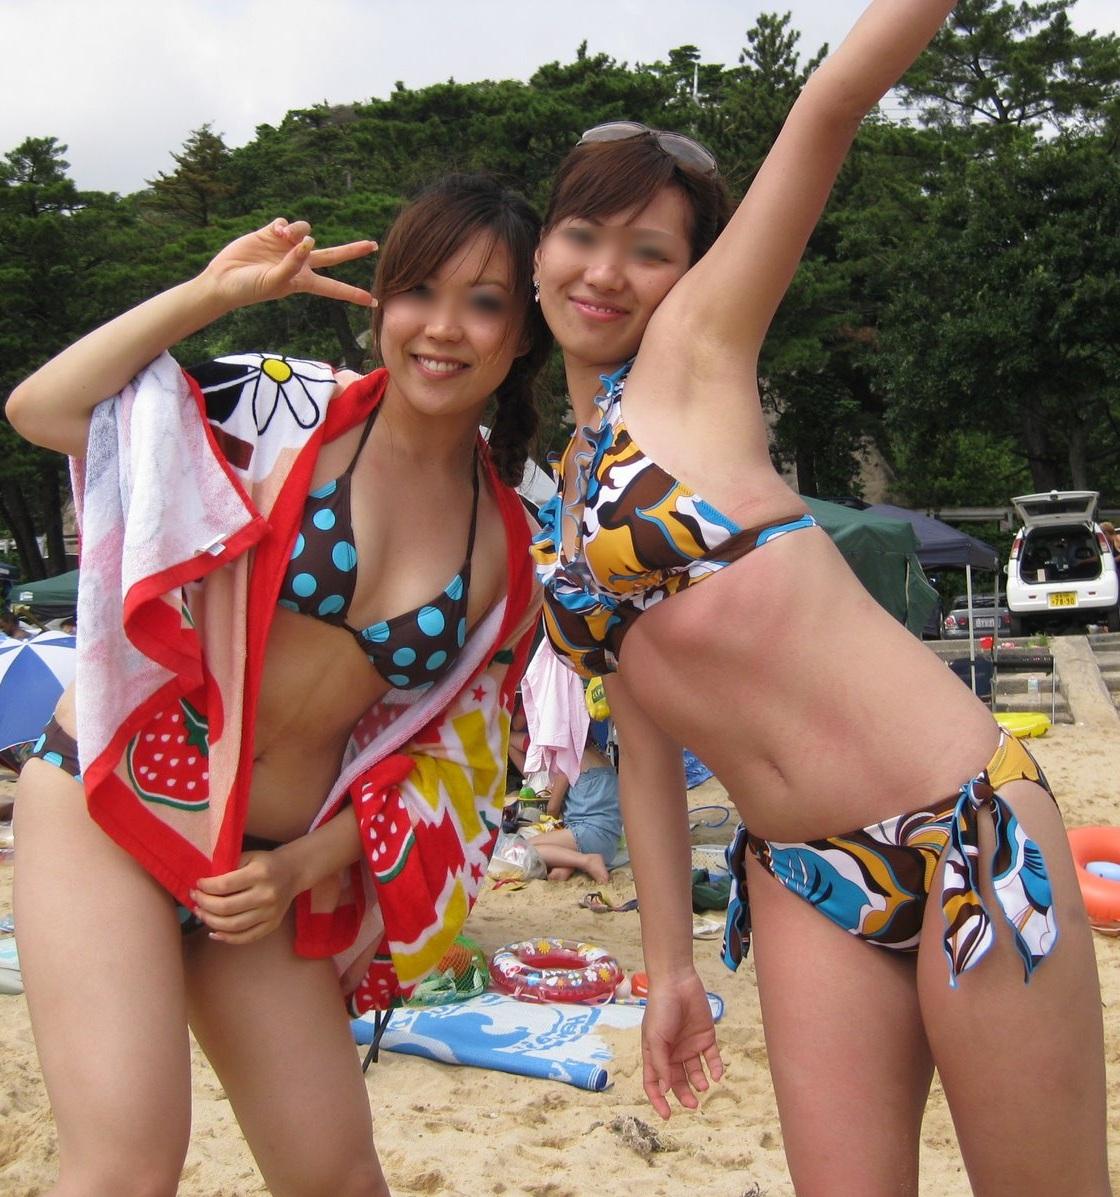 スレンダーボディのお姉さん達の水着姿!